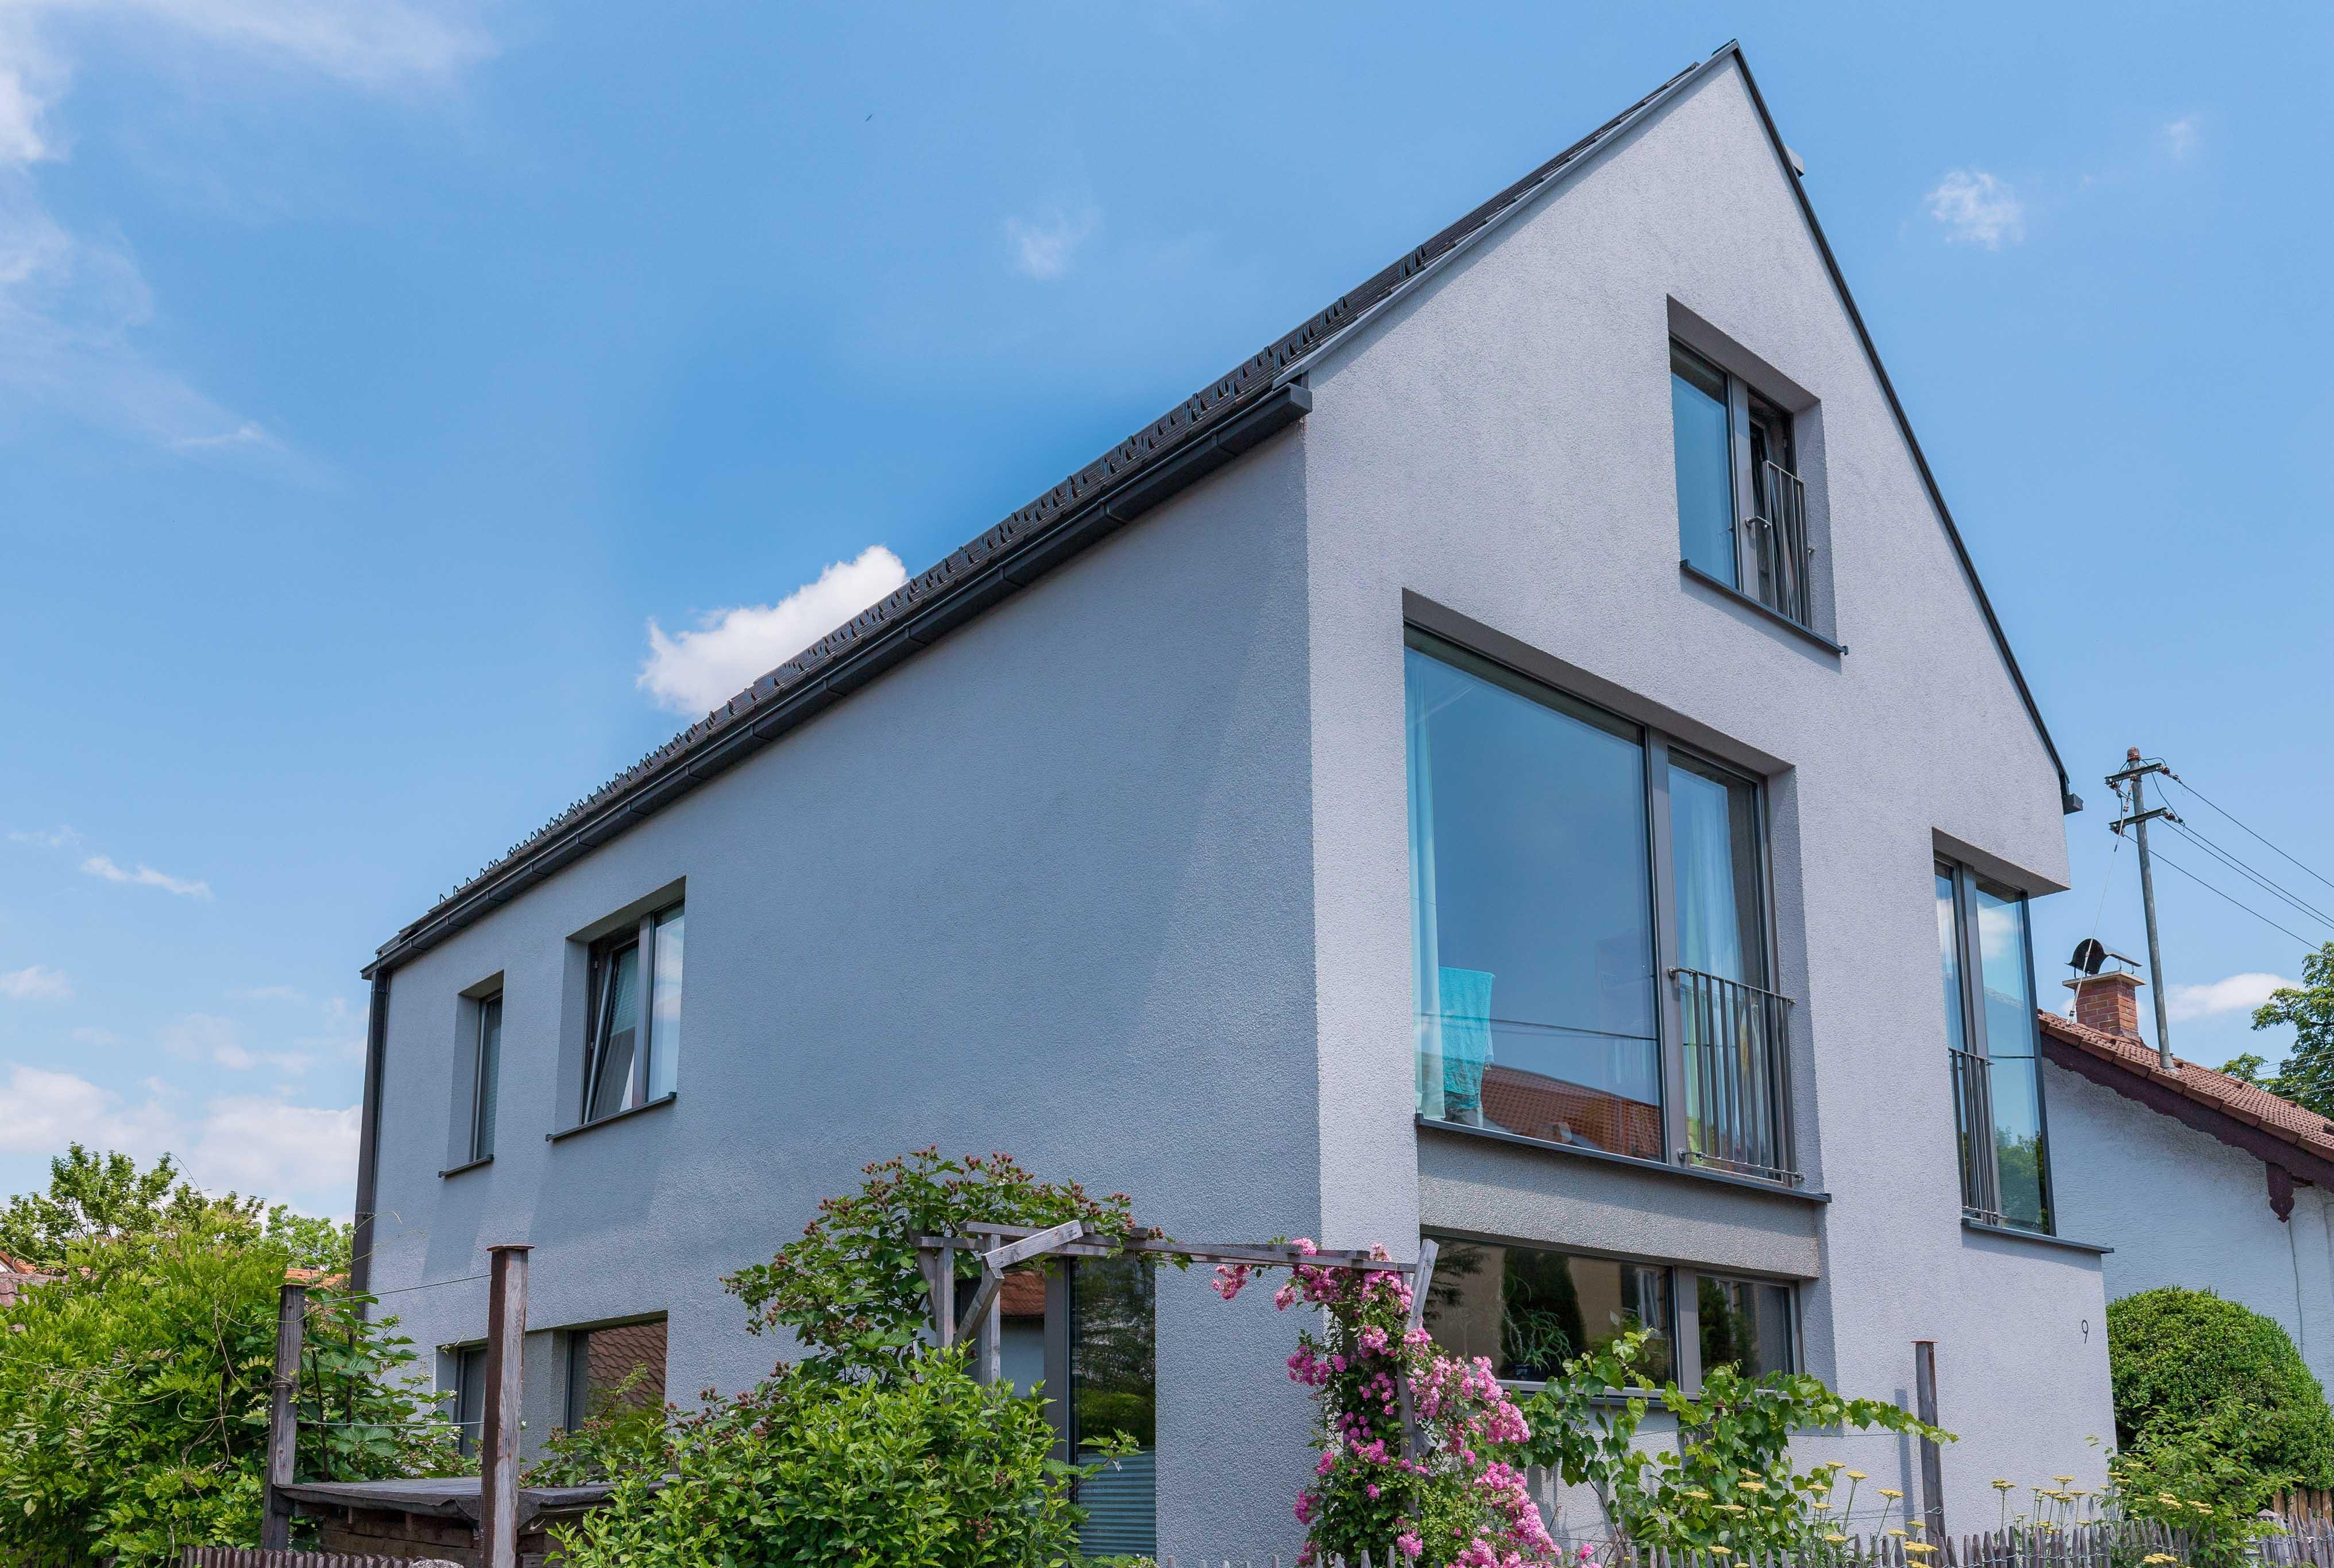 Einfamilienhaus L in Weilheim - Architekt Starnberg, Tutzing ...